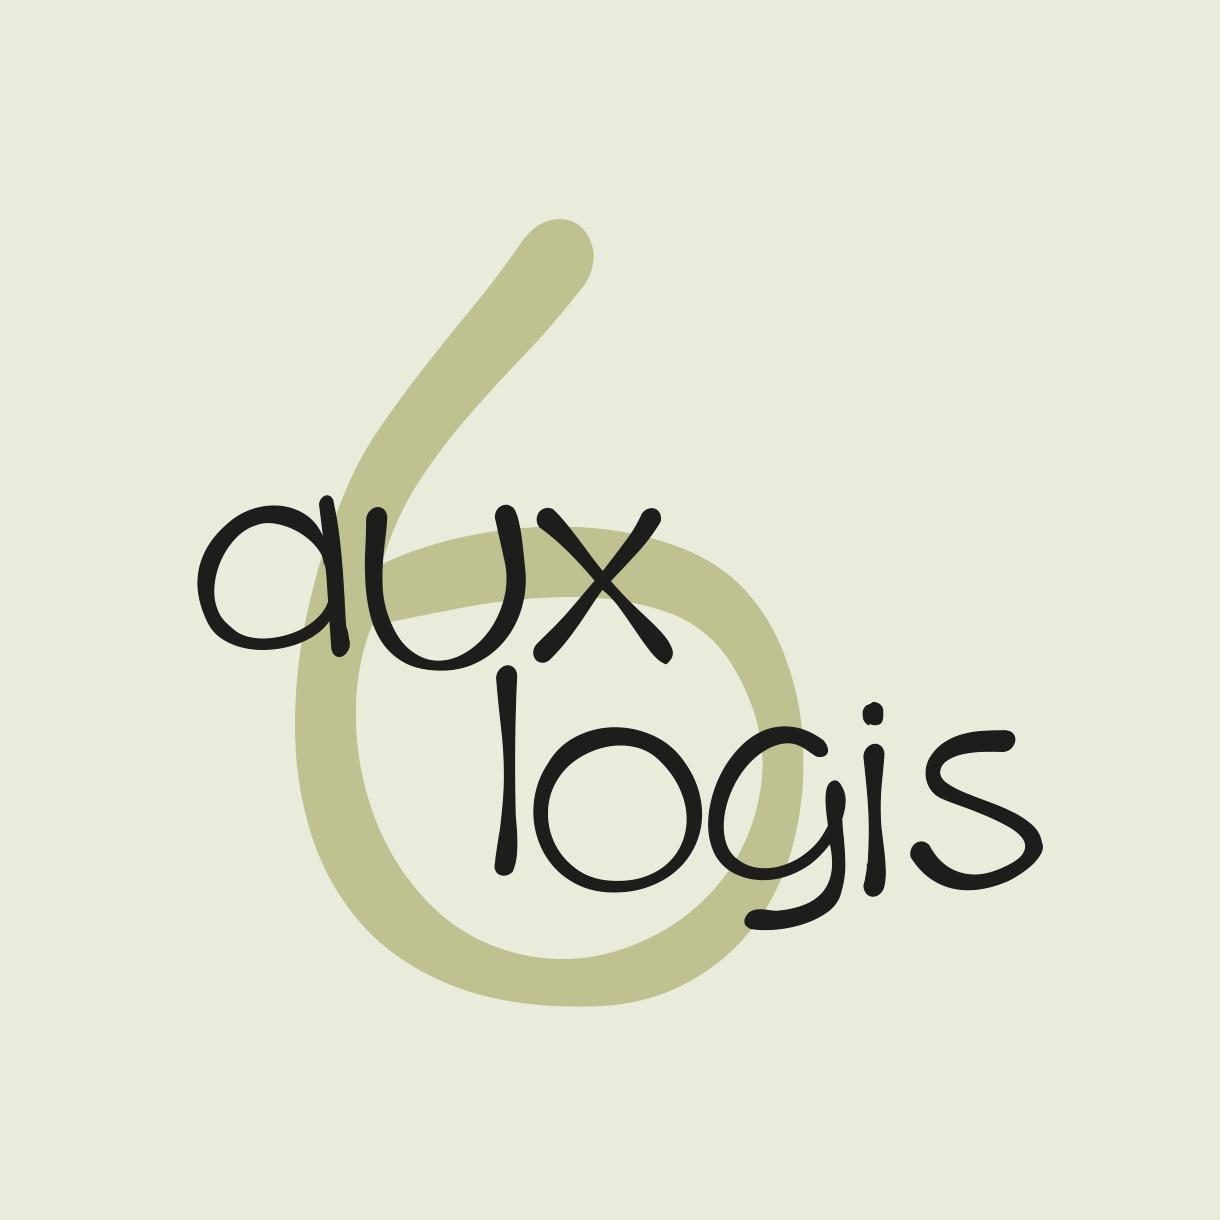 6logis_nouveau